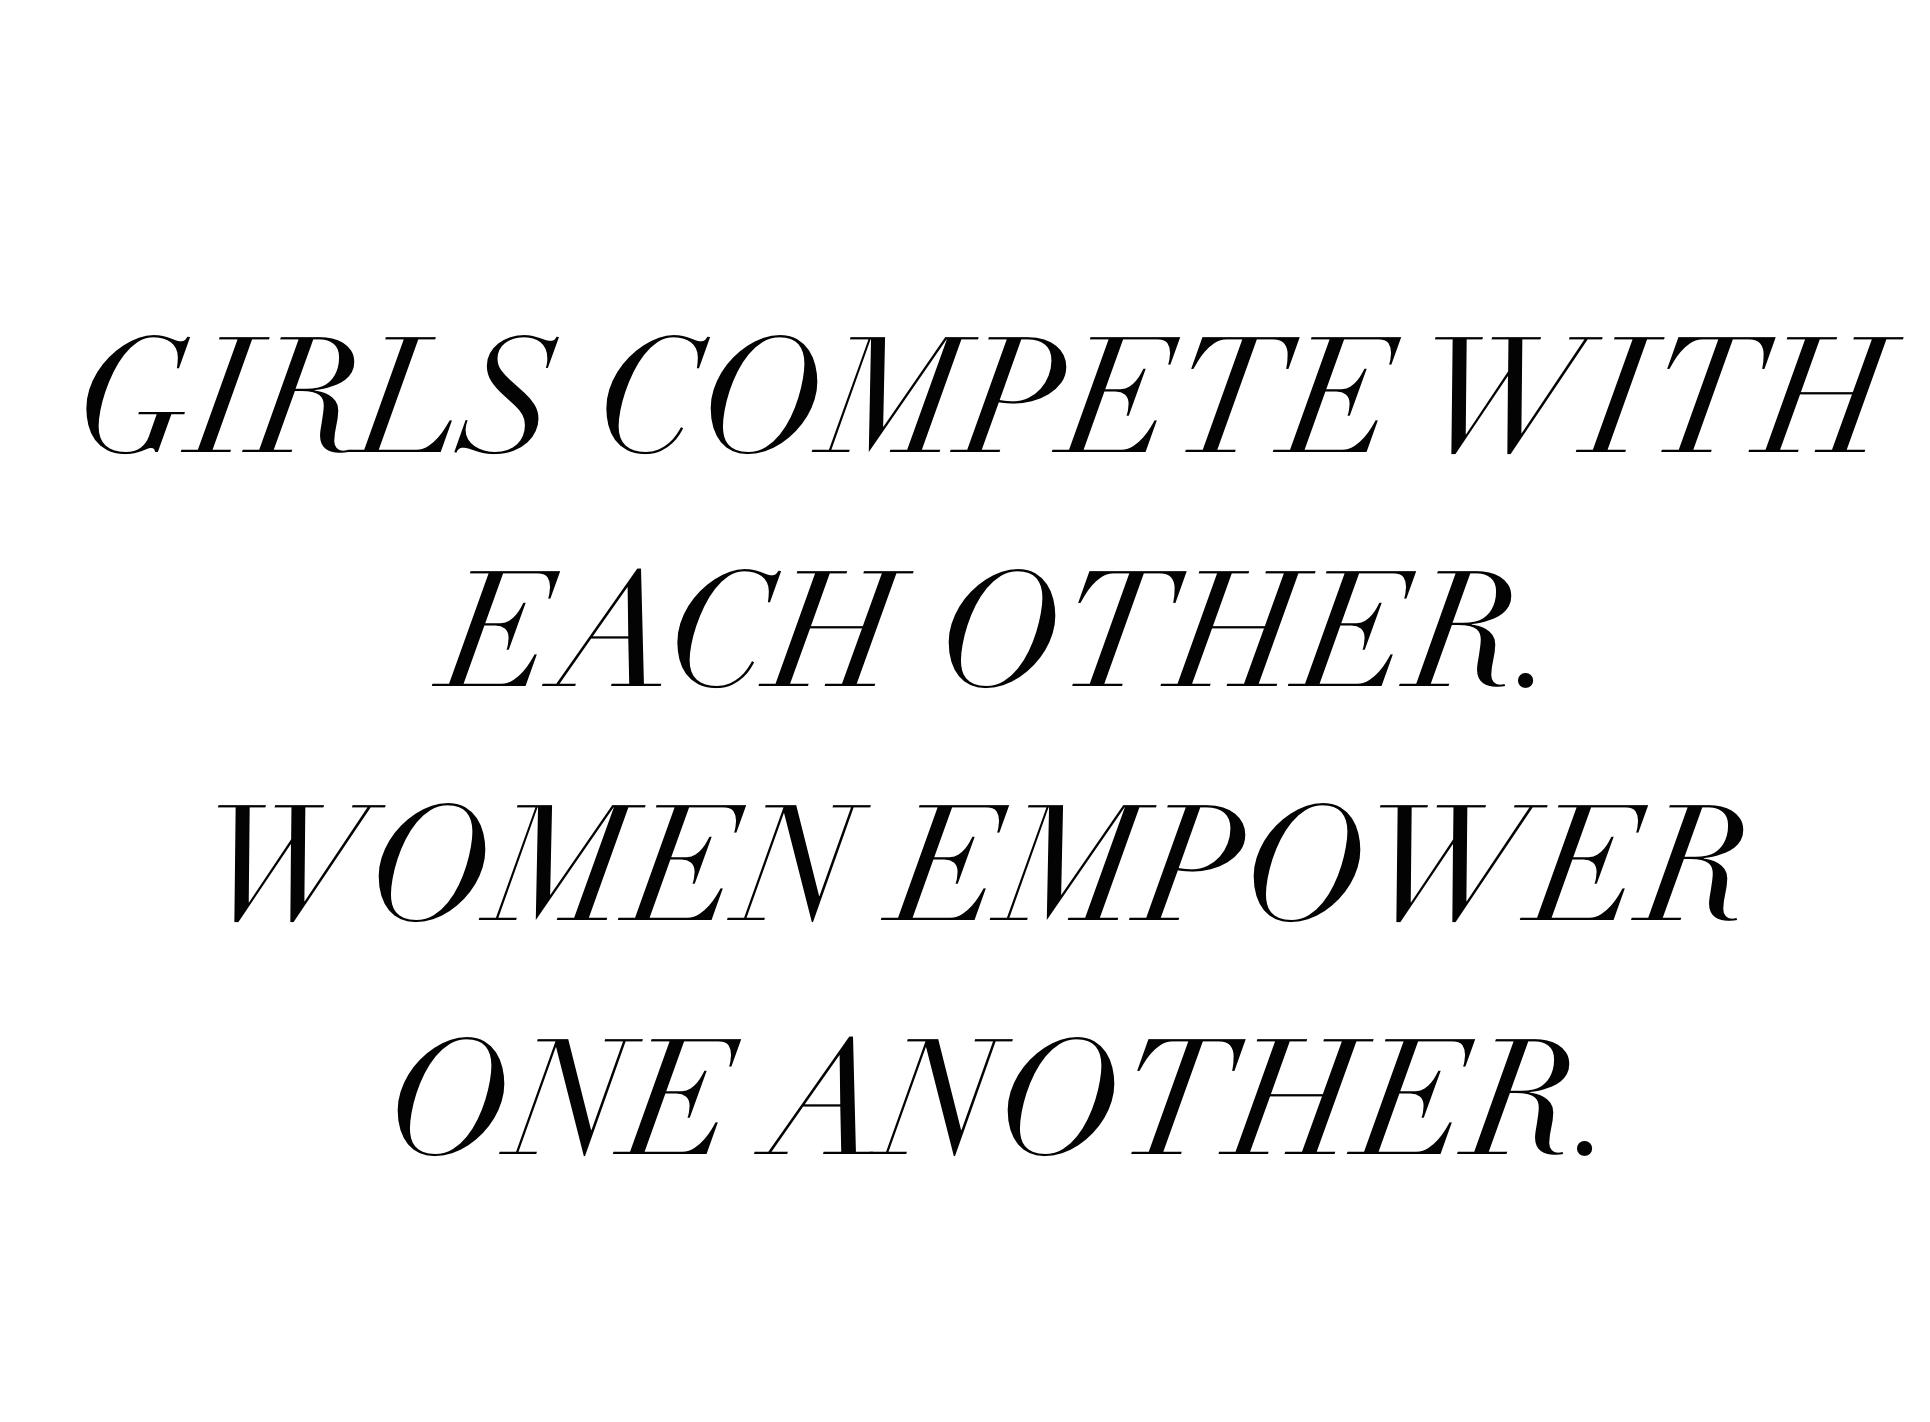 women empower, girls compete